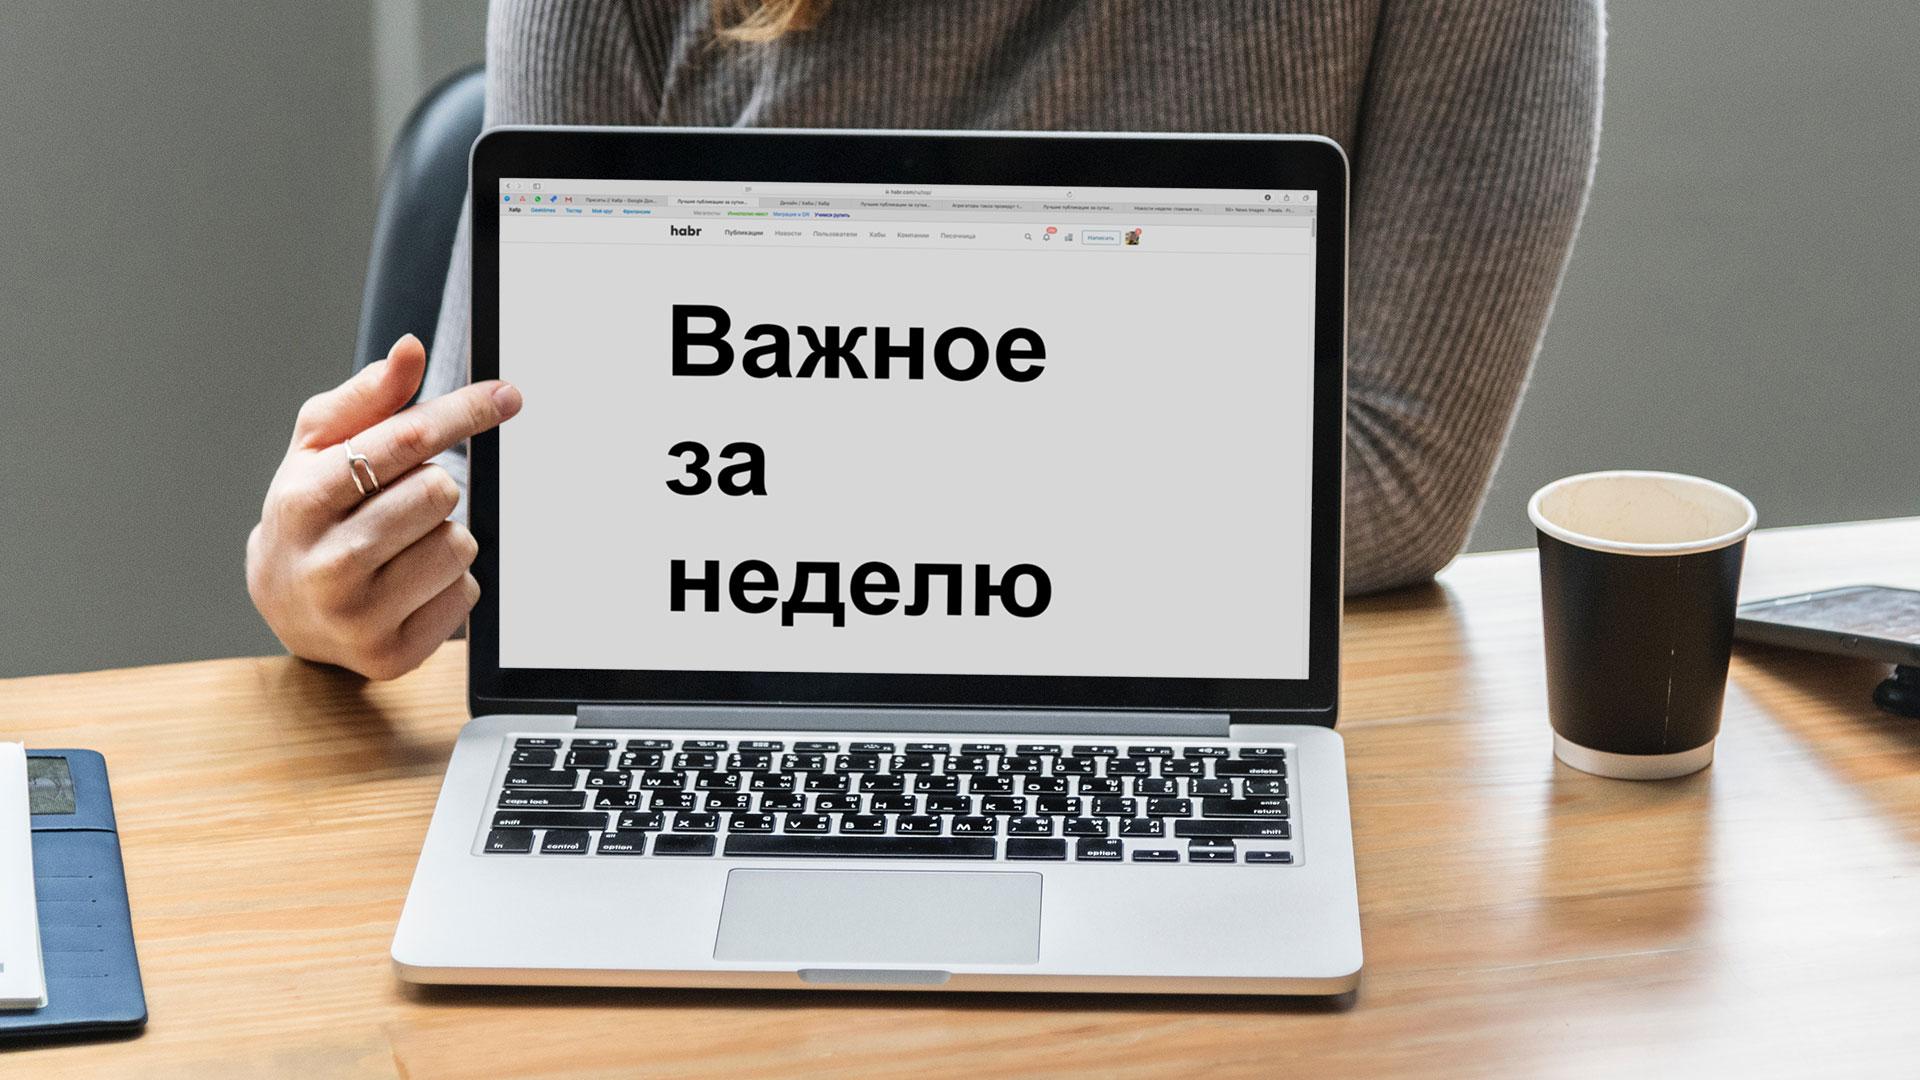 Новости недели: нейросеть и отфотошопленные снимки, рост акций «Яндекса», Huawei требует за патенты $1 млрд - 1